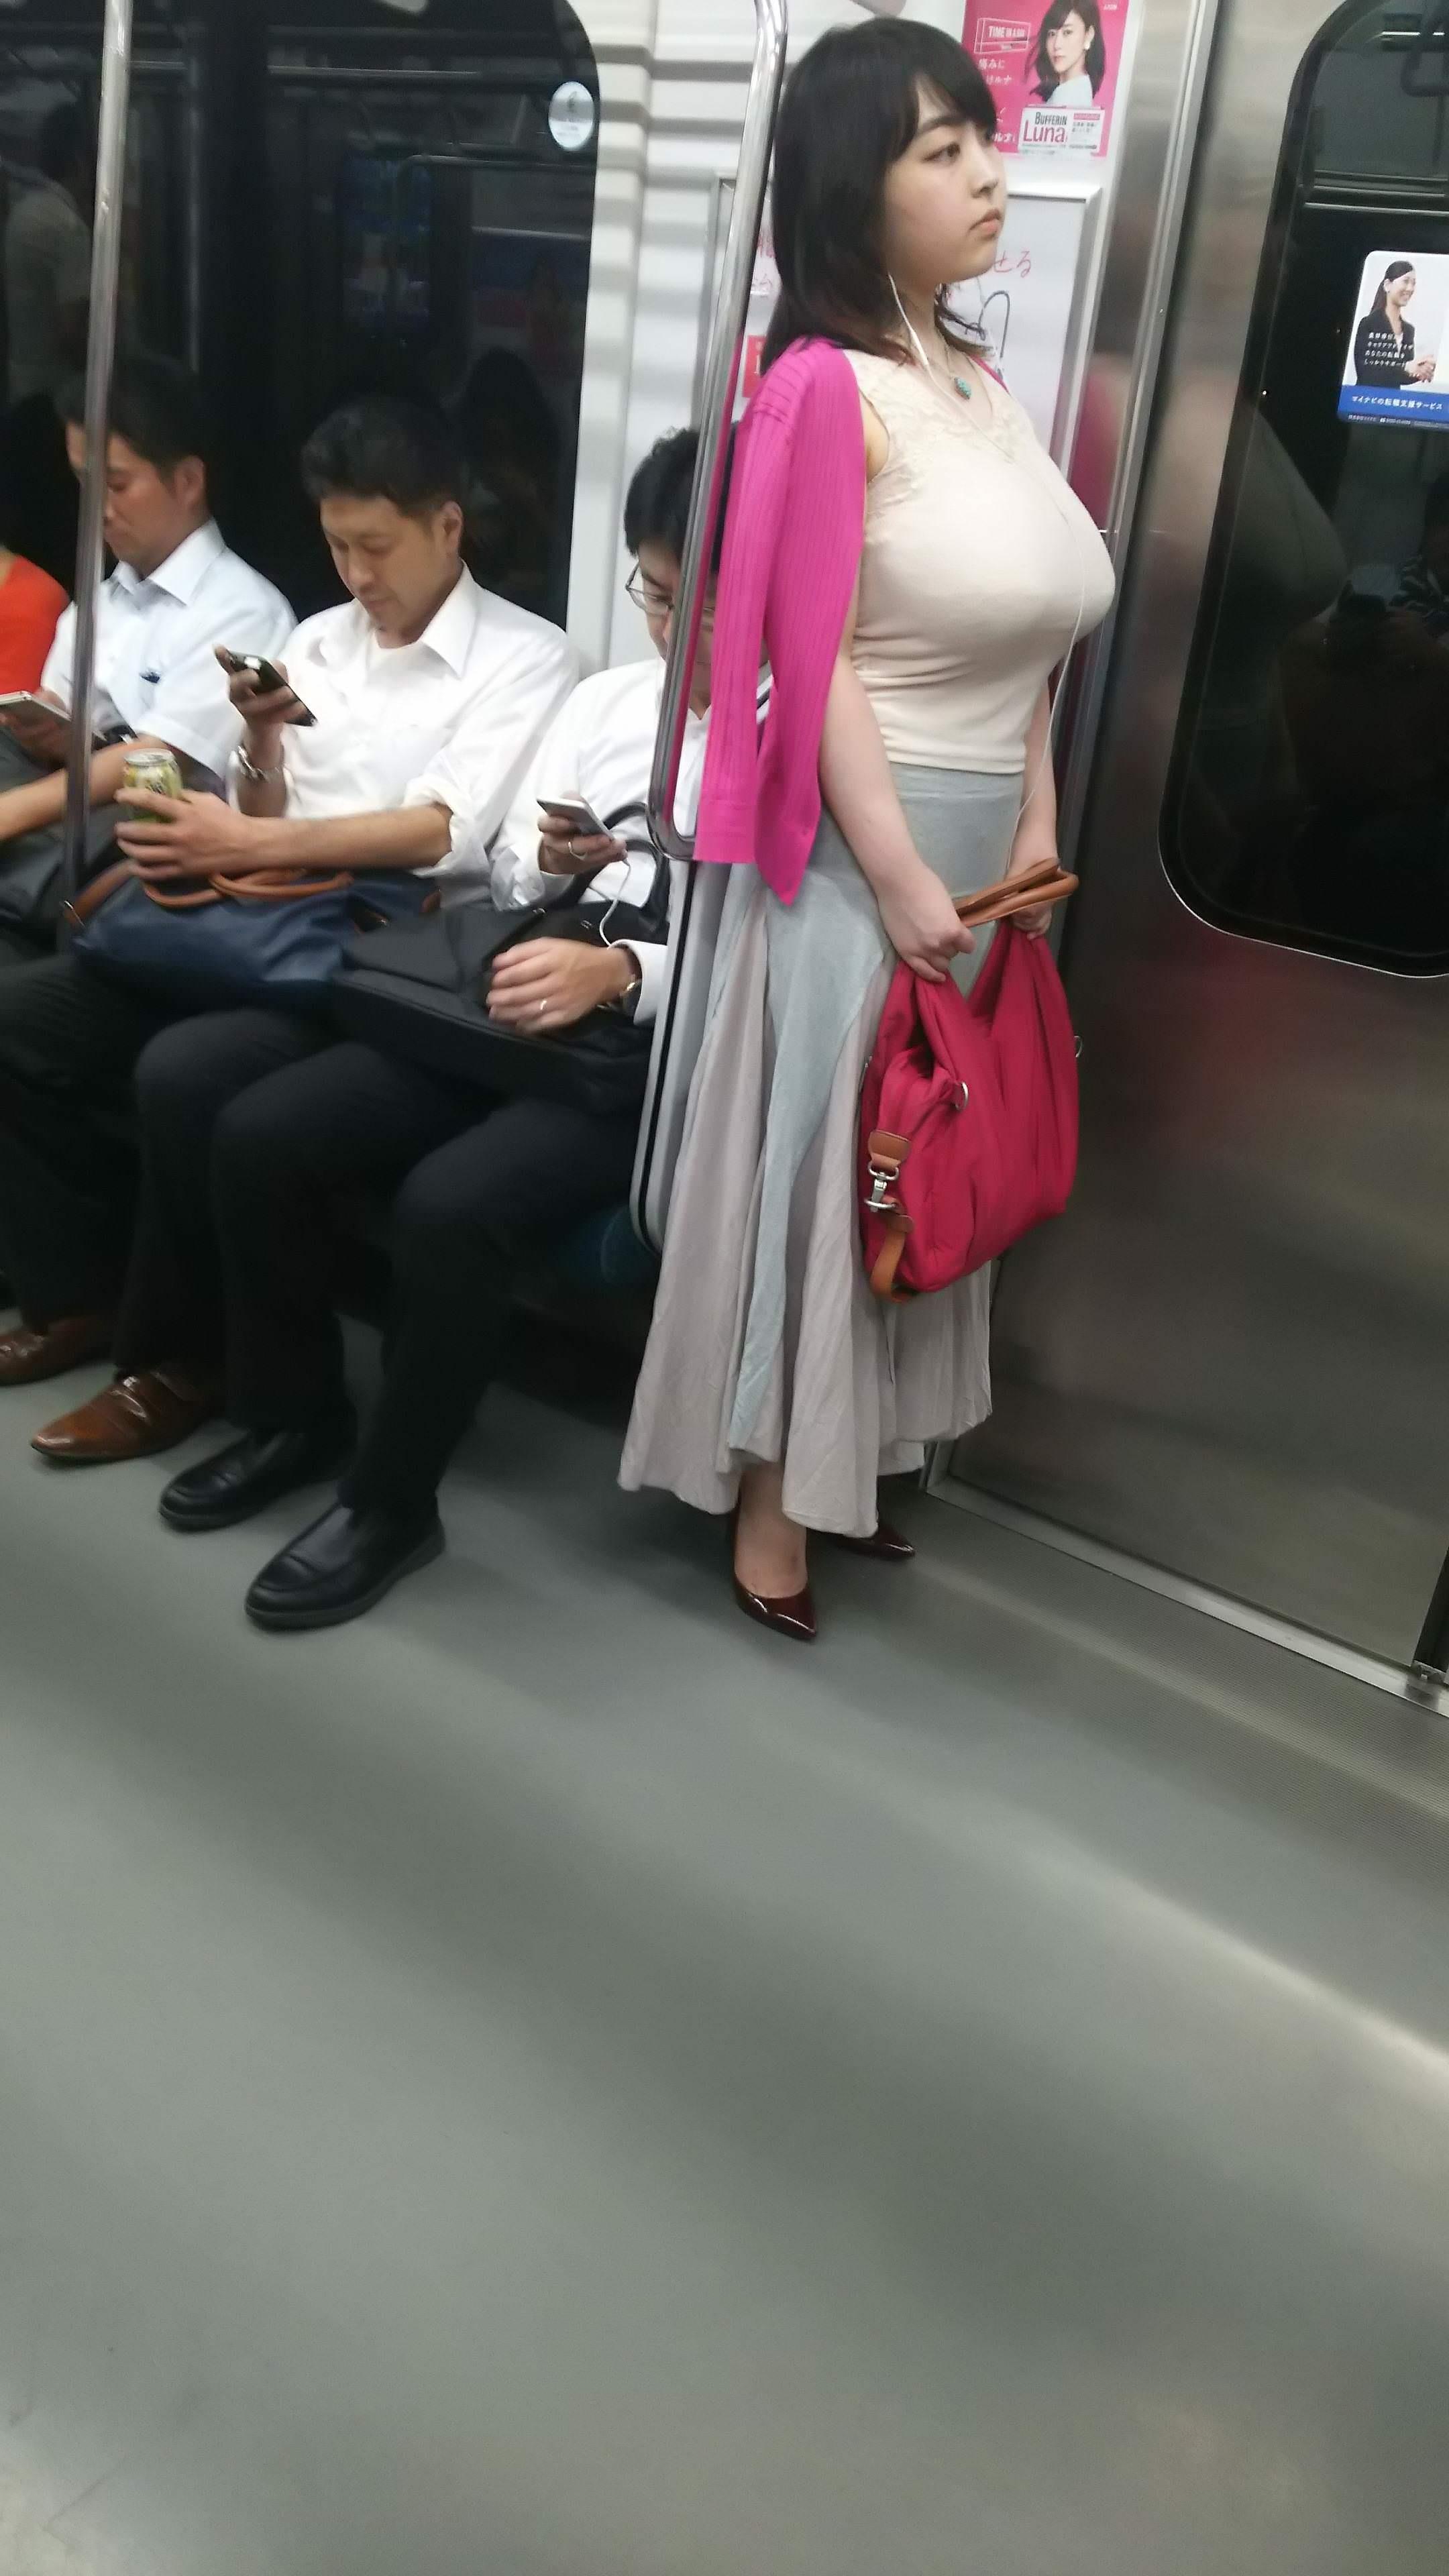 電車の座席にパンツ擦れてるJK画像wwwwwwwwwww o30ZdNF